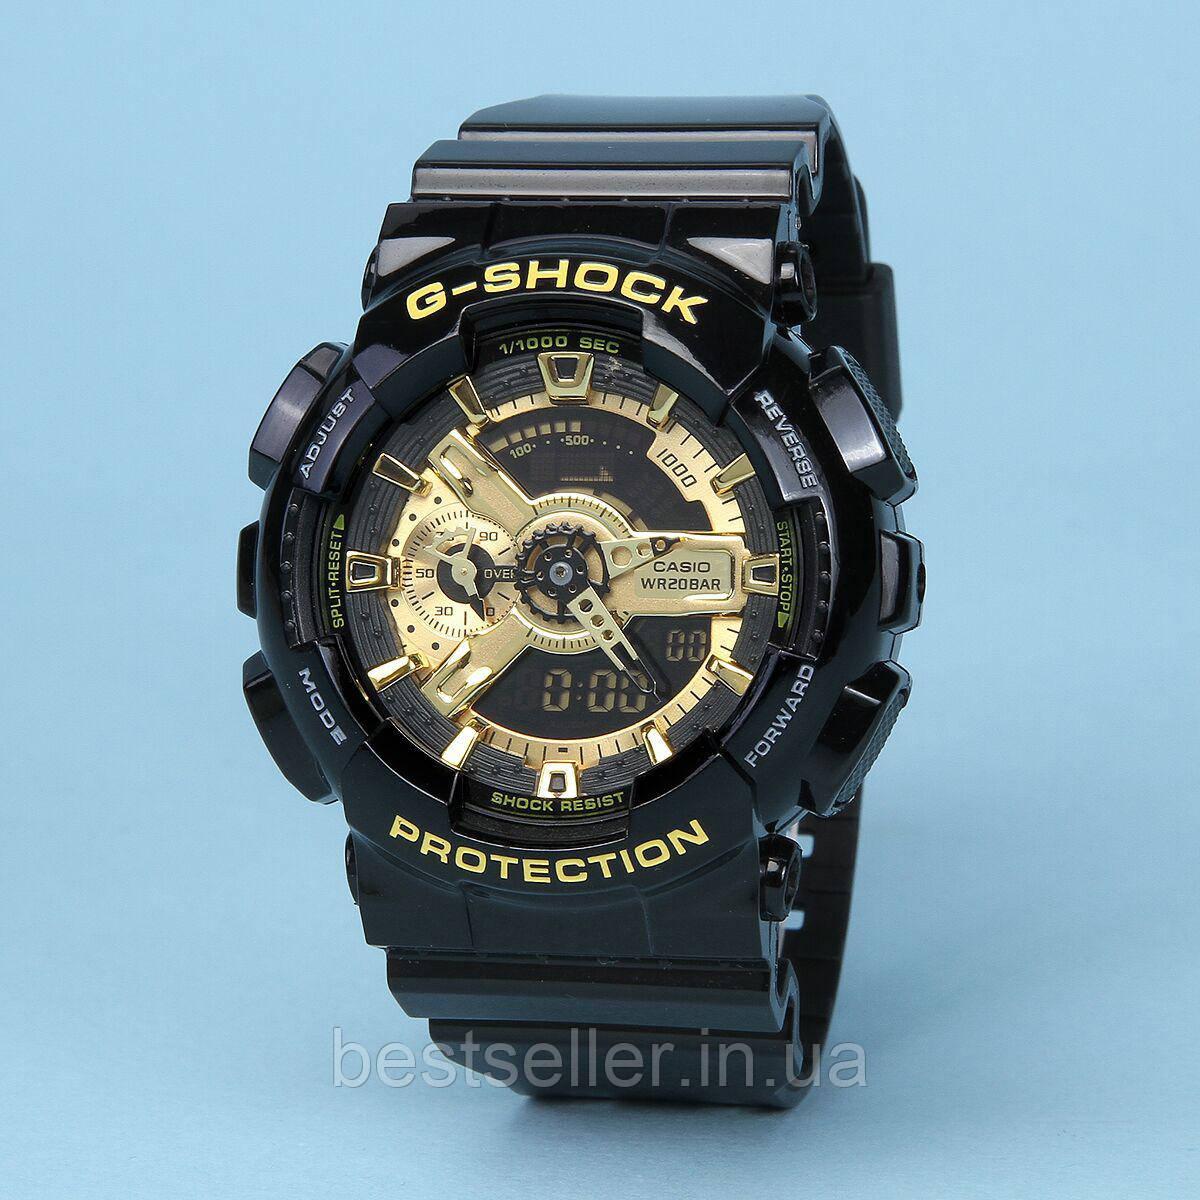 3a05ca47 Часы водонепроницаемые 20 BAR Casio G-Shock GA-110 Black Gold. Реплика  Premium качества!